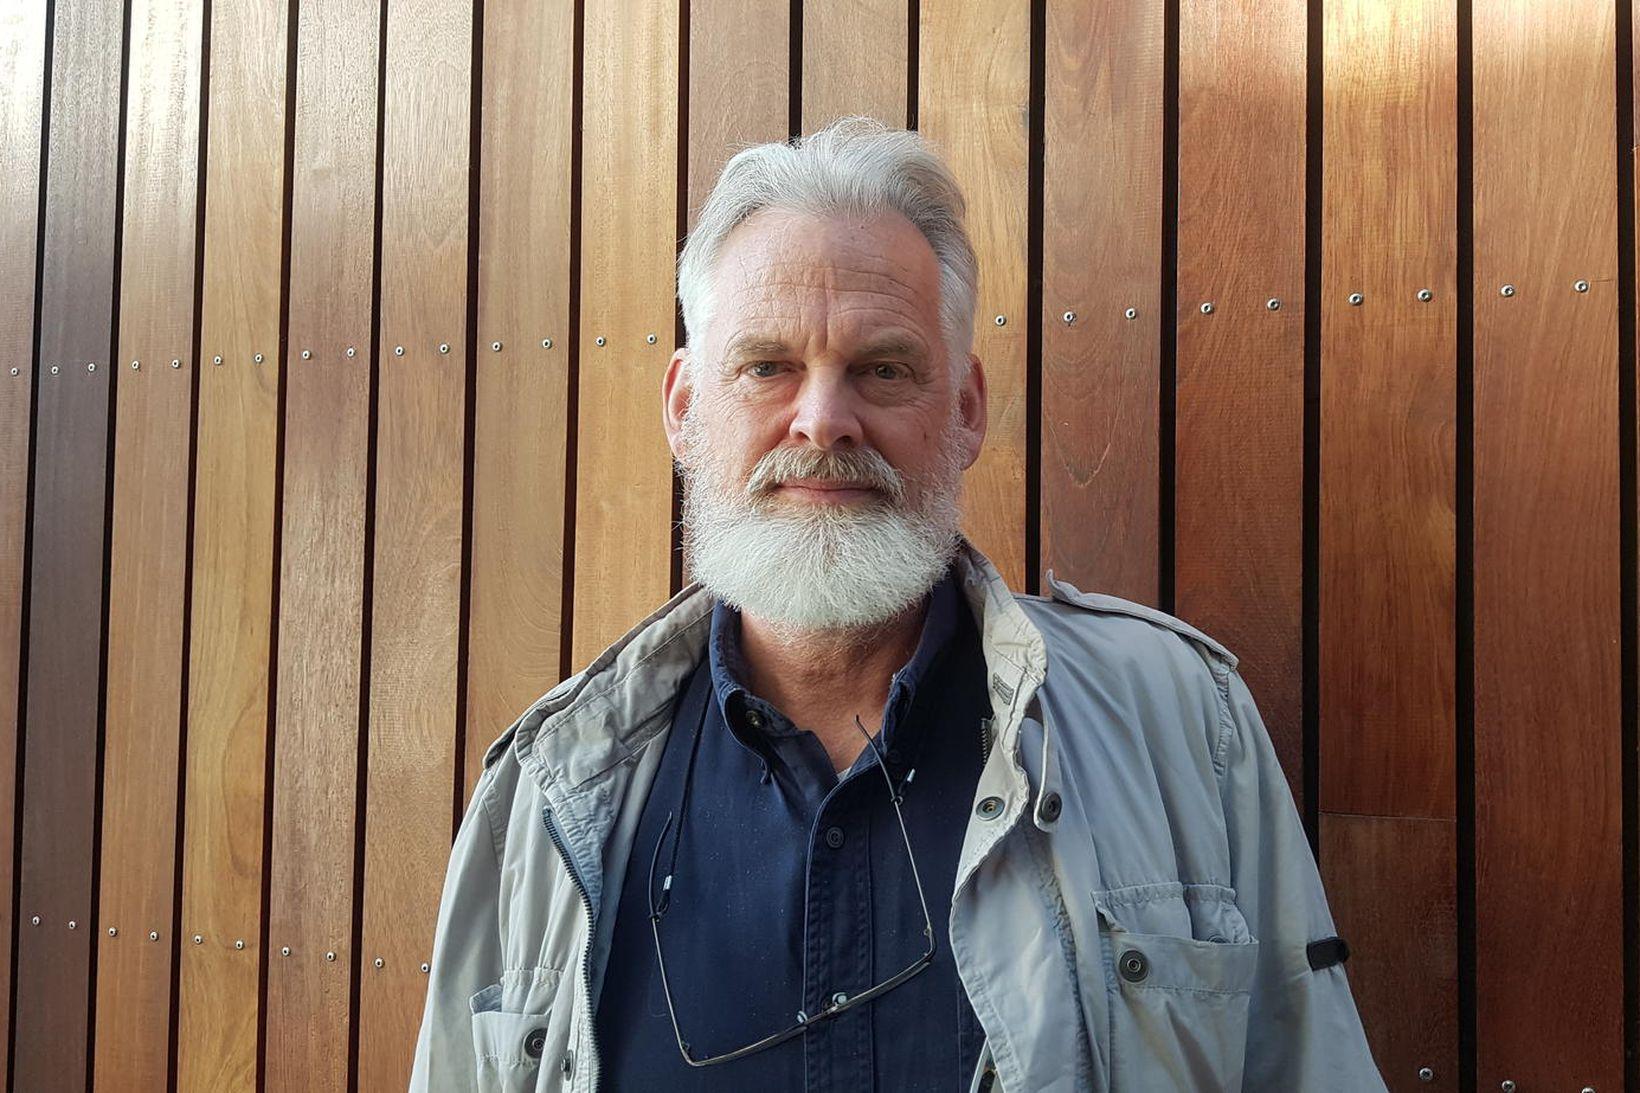 Ólafur K. Nielsen, vistfræðingur hjá Náttúrufræðistofu Íslands, gagnrýndi stefnu Skógræktarinnar …